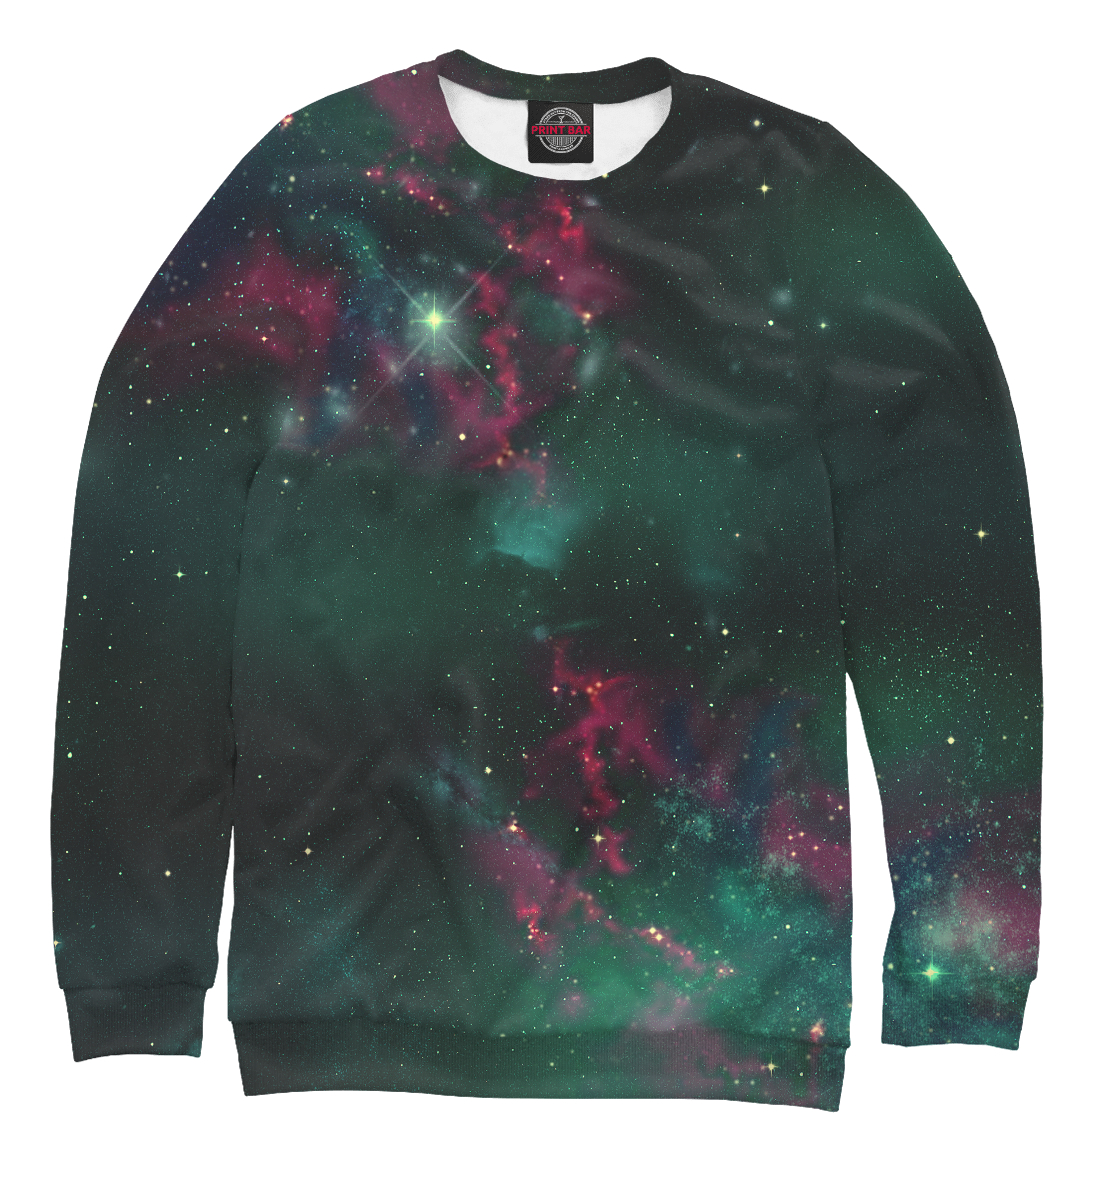 Купить Звёздный путь, Printbar, Свитшоты, SPA-218743-swi-1